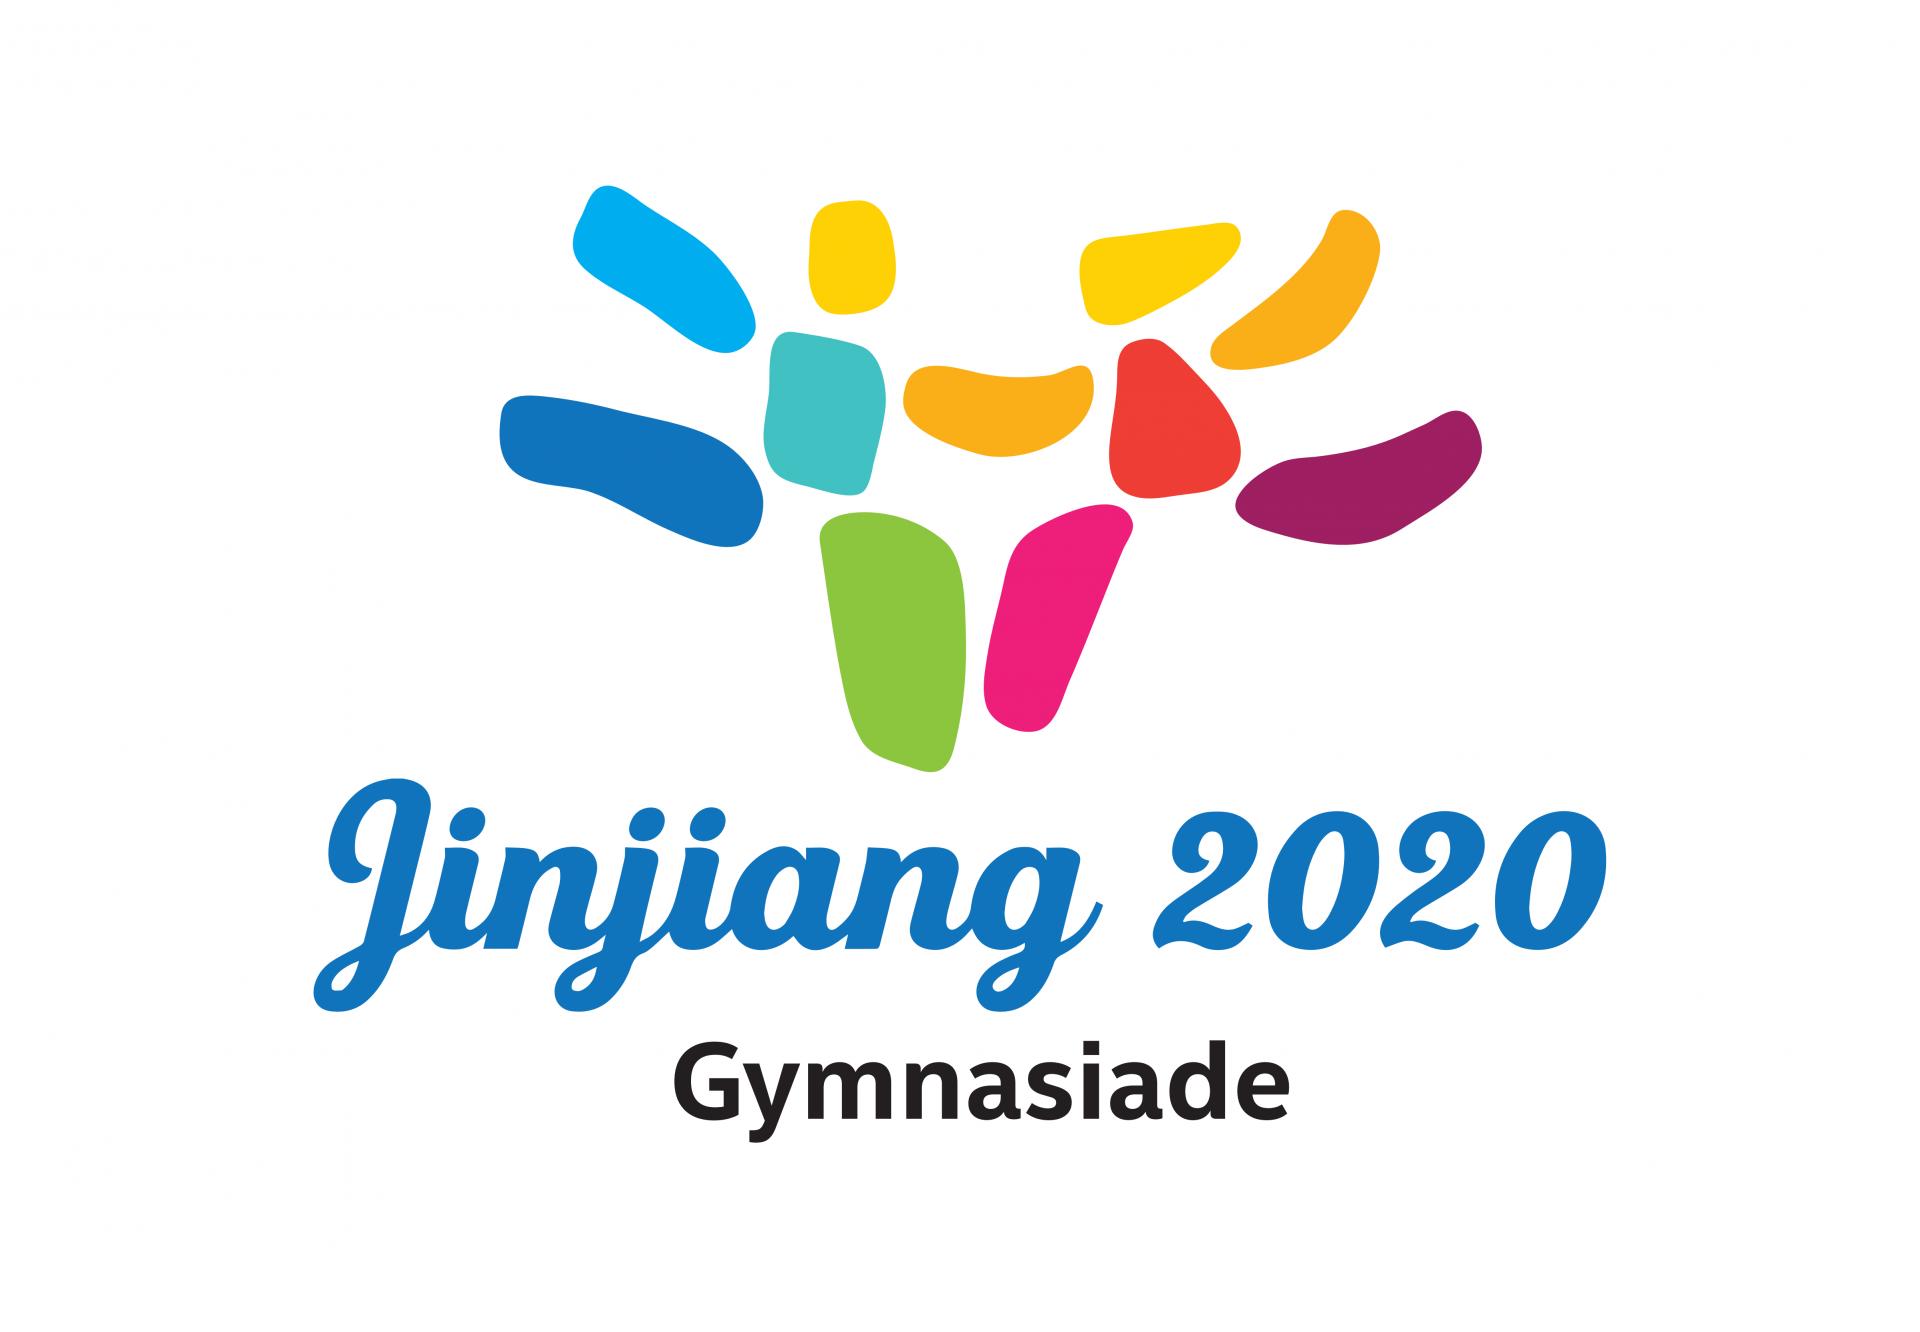 晋江2020年第18届世界中学生夏季运动会延期至明年10月举行